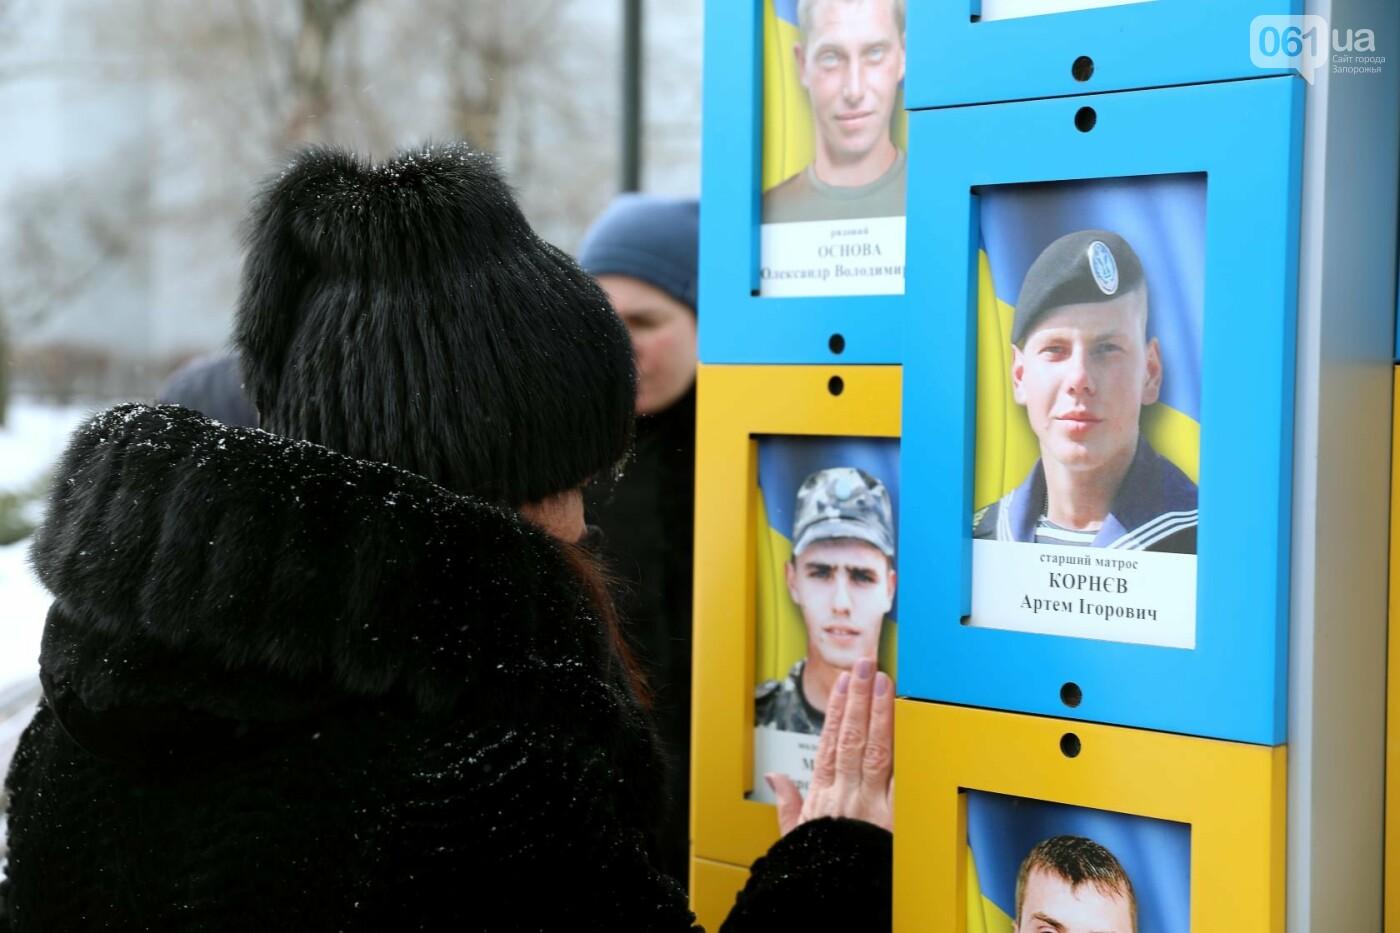 В Запорожье почтили память погибших в боях под Дебальцево, - ФОТО , фото-8